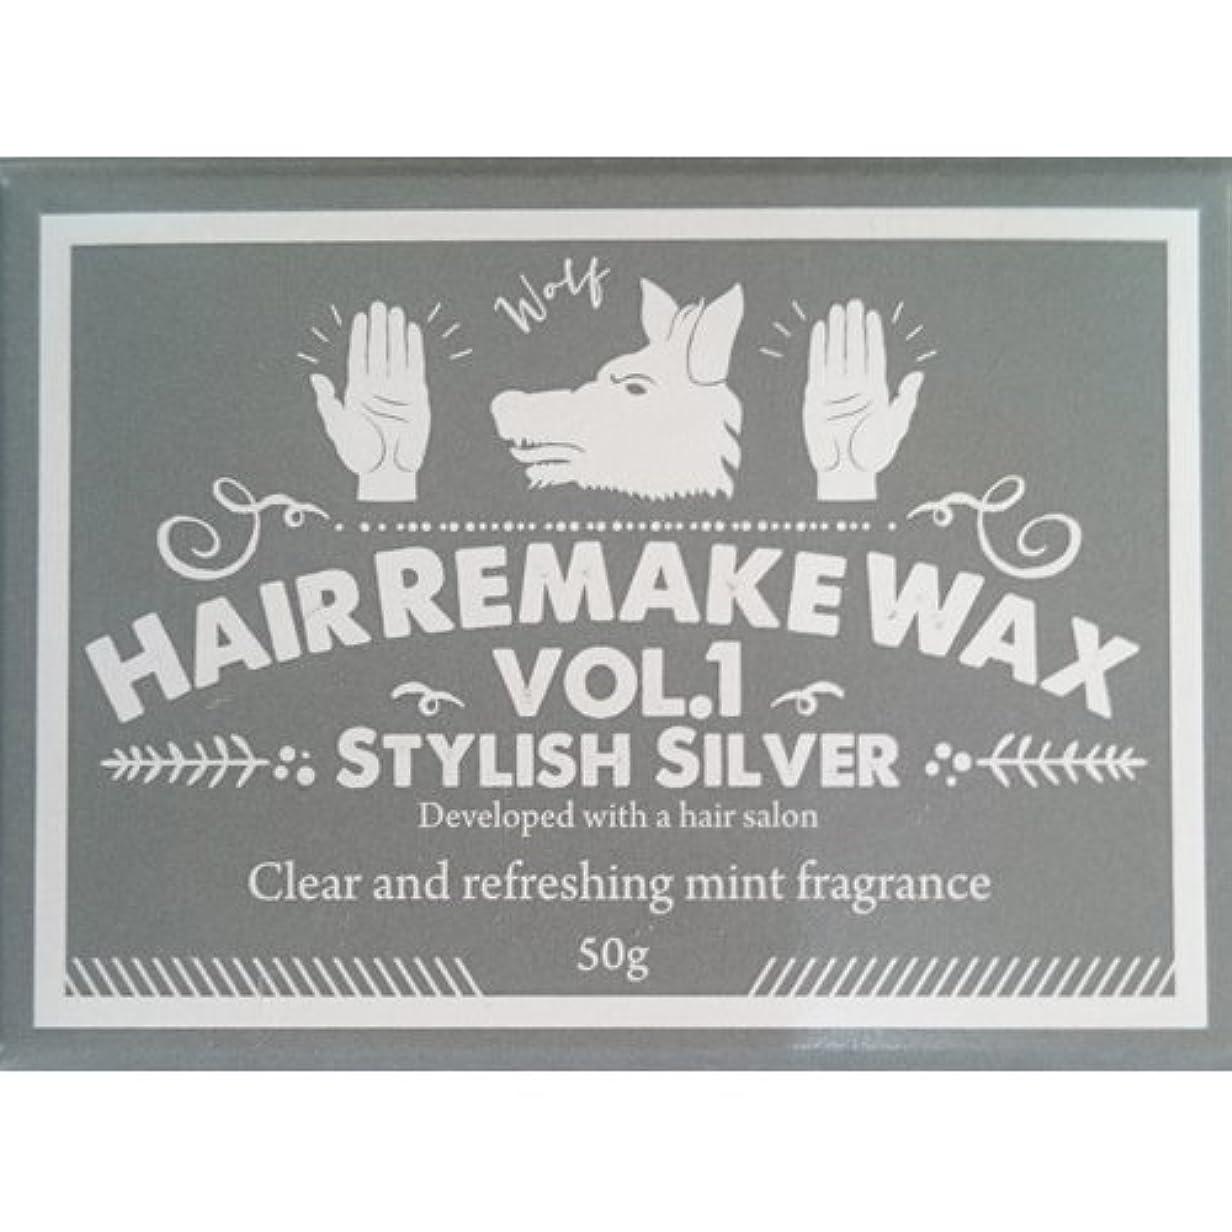 カフェクロール娘Hair Remake(ヘアーリメイク)WAX Vol.1 スタイリッシュシルバー 50g